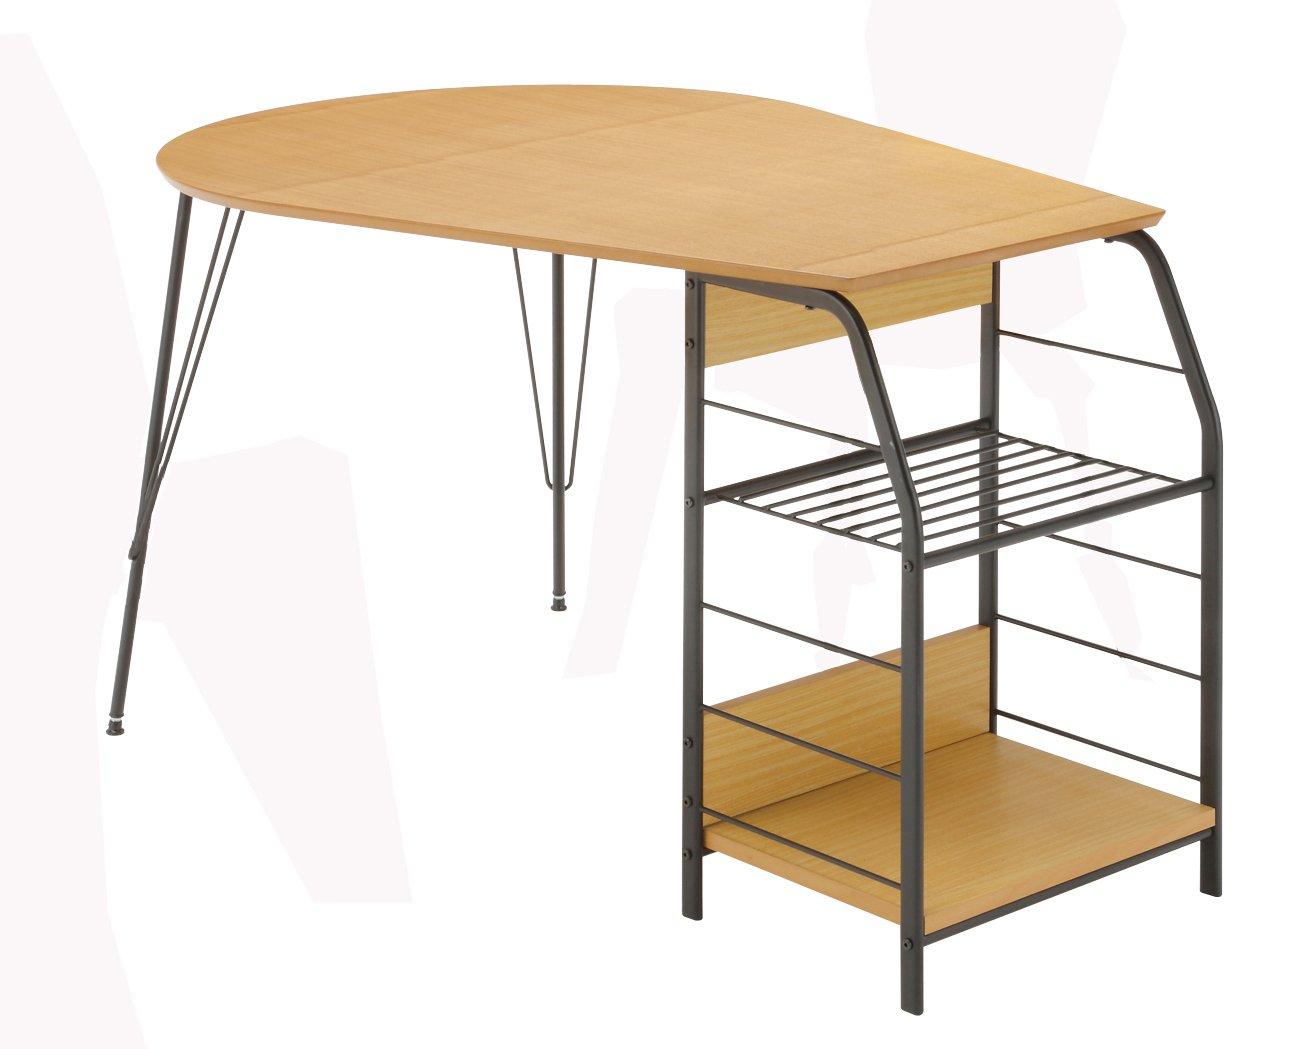 あずま工芸 テーブル フレシュ ナチュラル色 TDT-1136 B00XQZPFNI